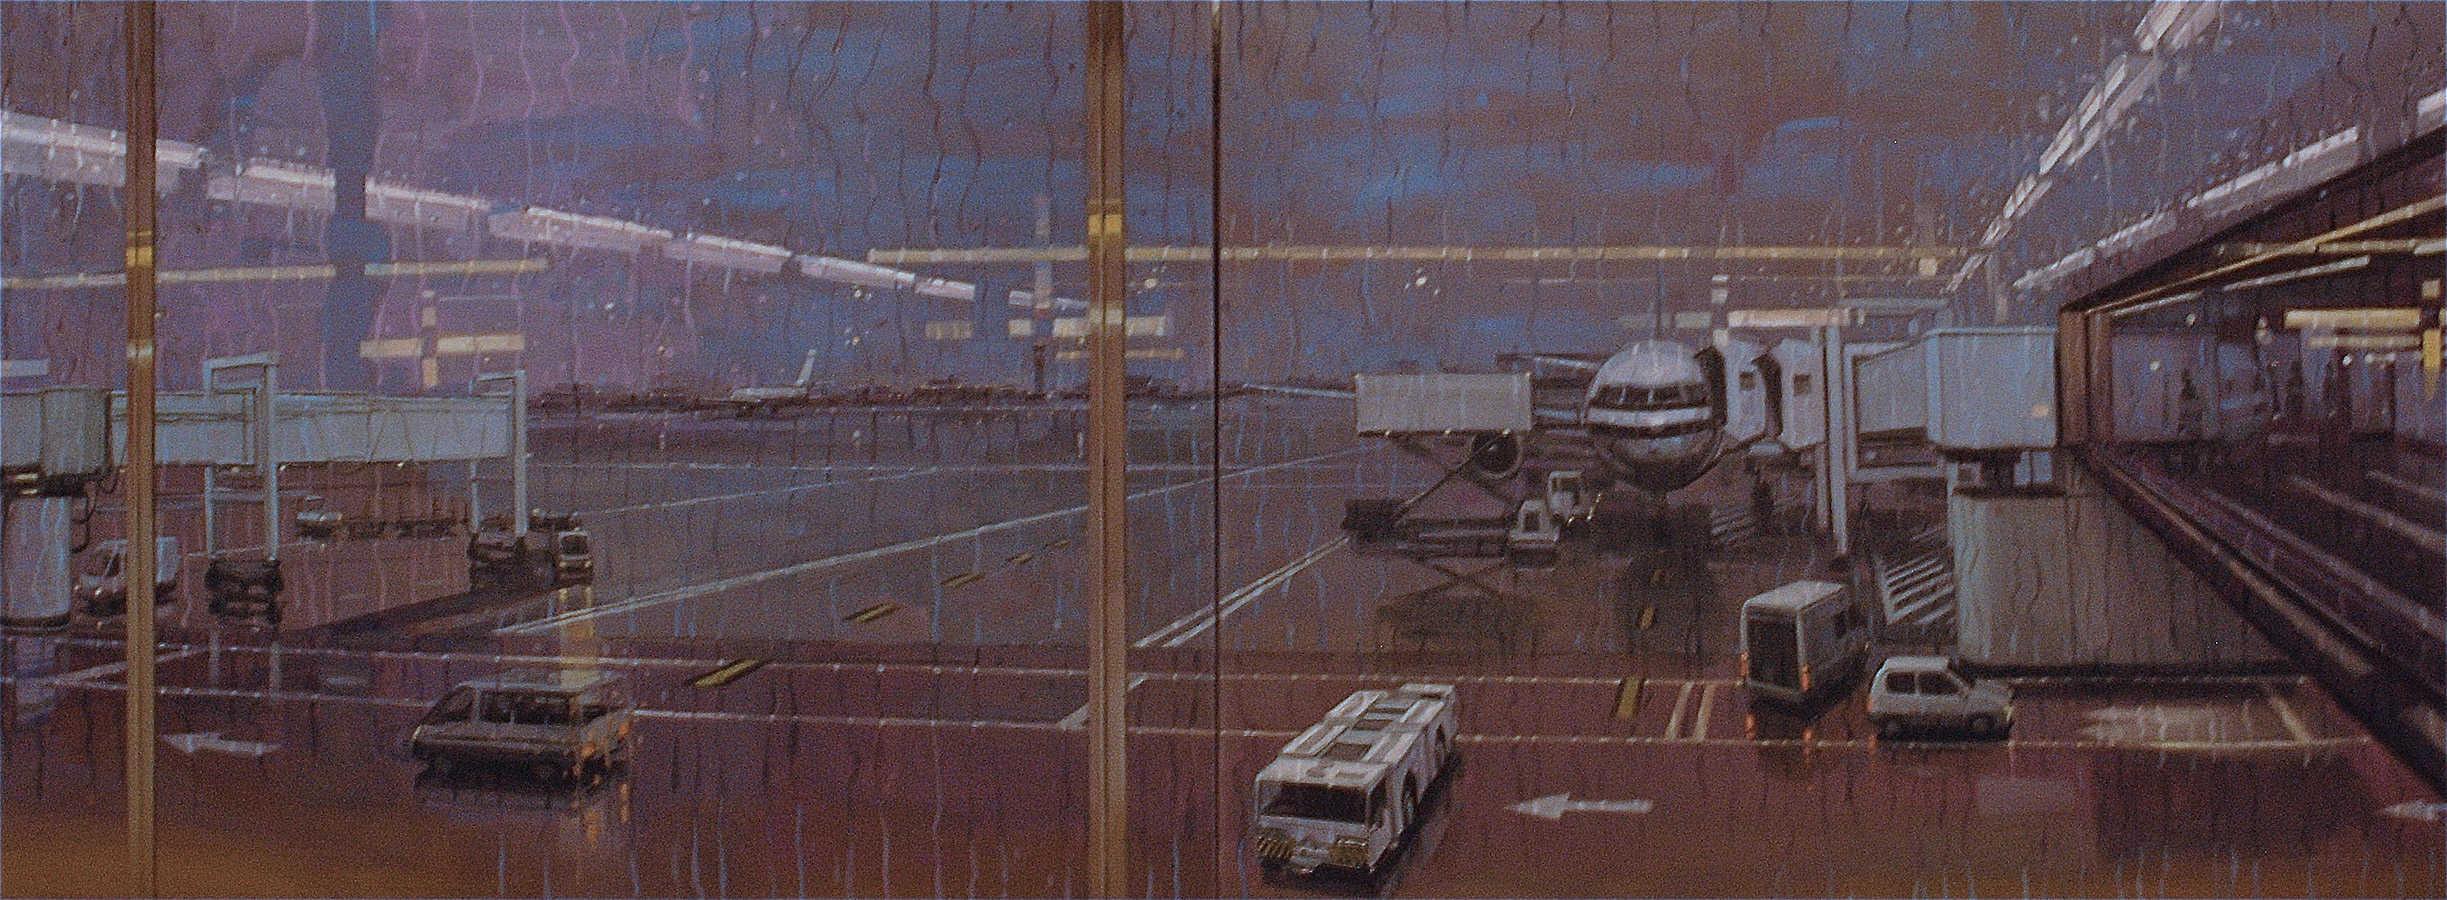 Pluies. Diptyque, huile sur toile, 97 x 260 cm, 2008